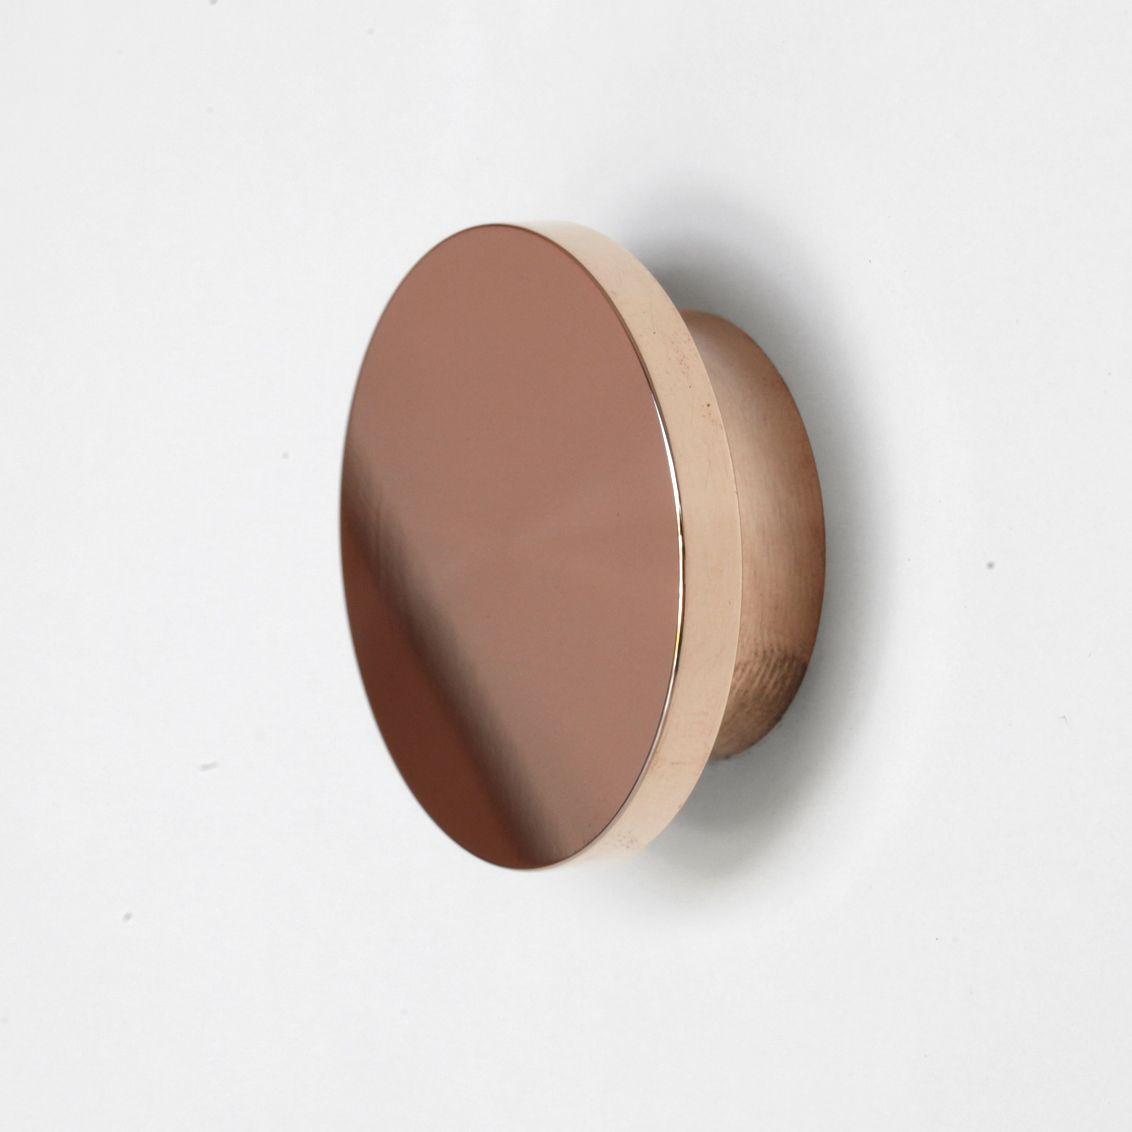 m me les boutons de portes reprennent la couleur cuivre ou sont en cuivre d co les. Black Bedroom Furniture Sets. Home Design Ideas